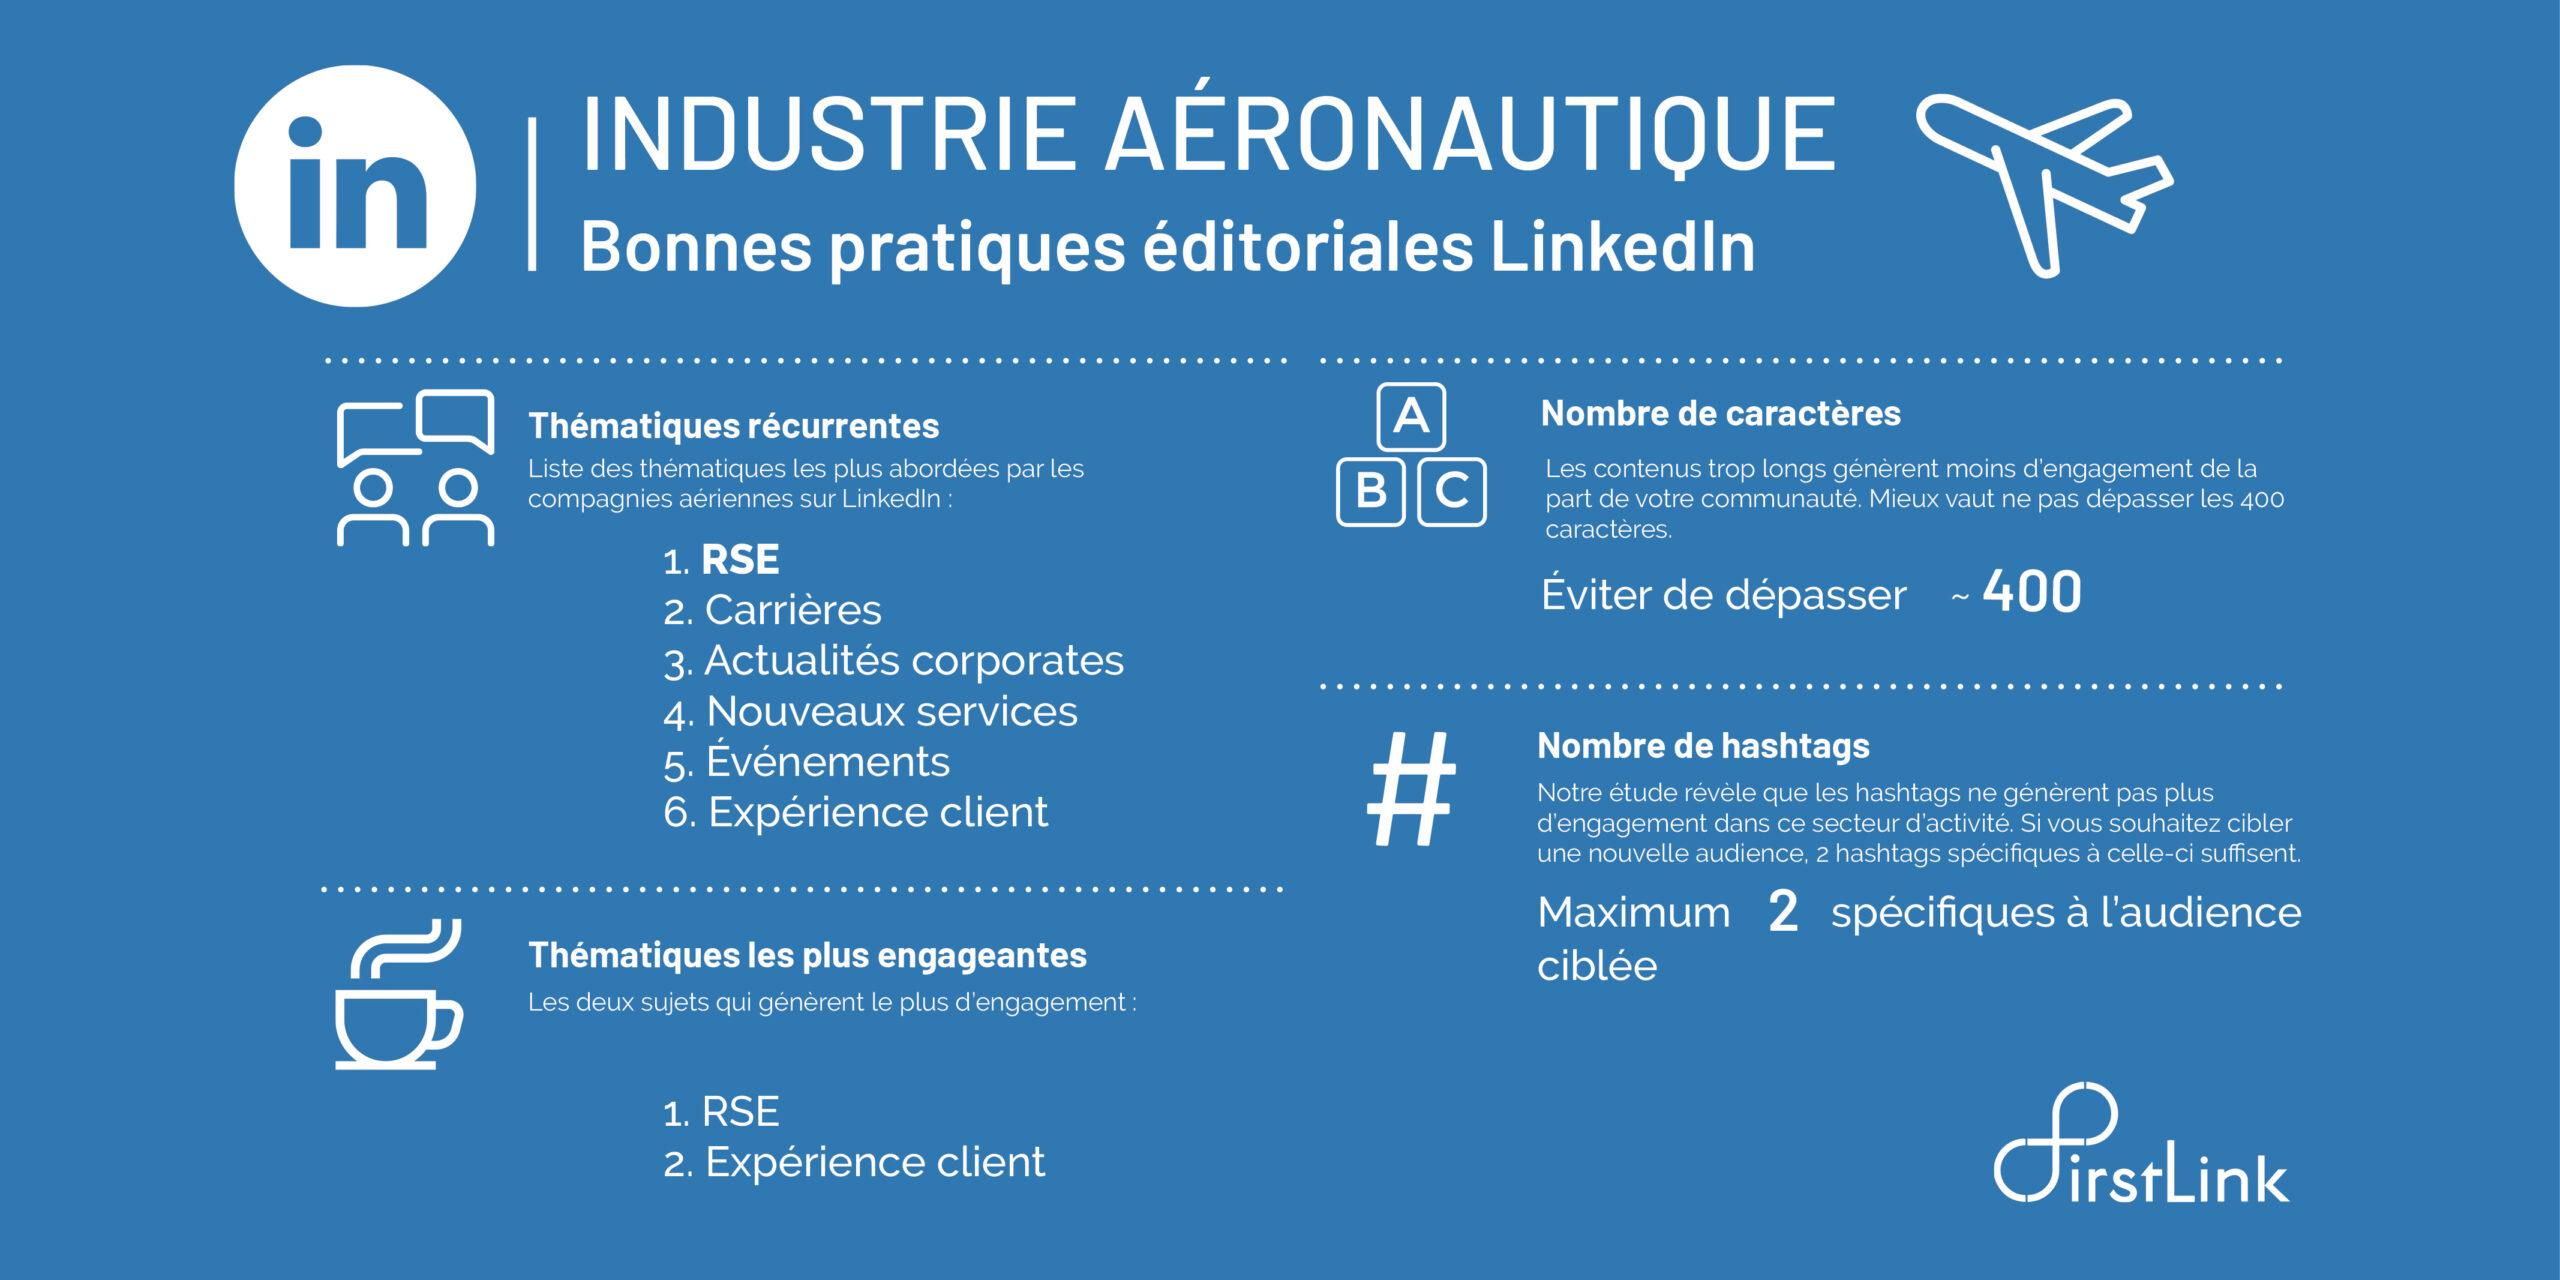 infographie LinkedIn pour l'industrie aéronautique